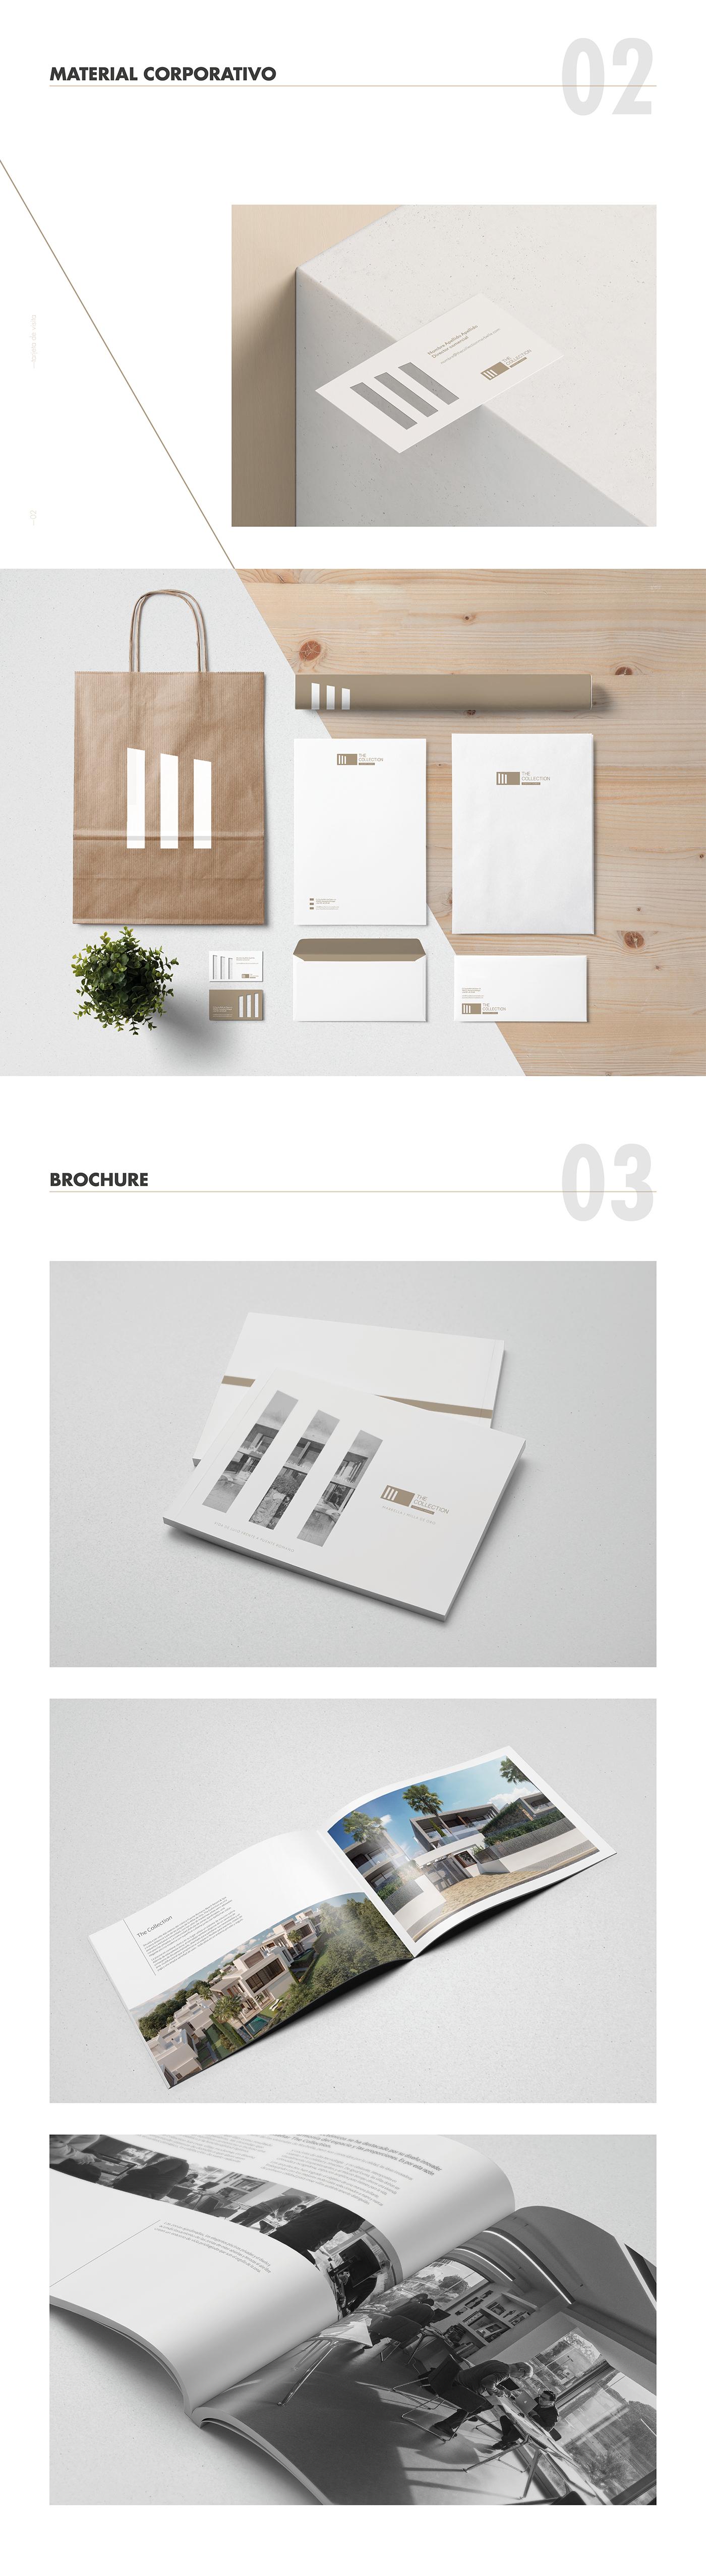 Web marcas graphic design  diseño gráfico costa del sol Desarrollo de marcas brochure real estate malaga architecture brochure